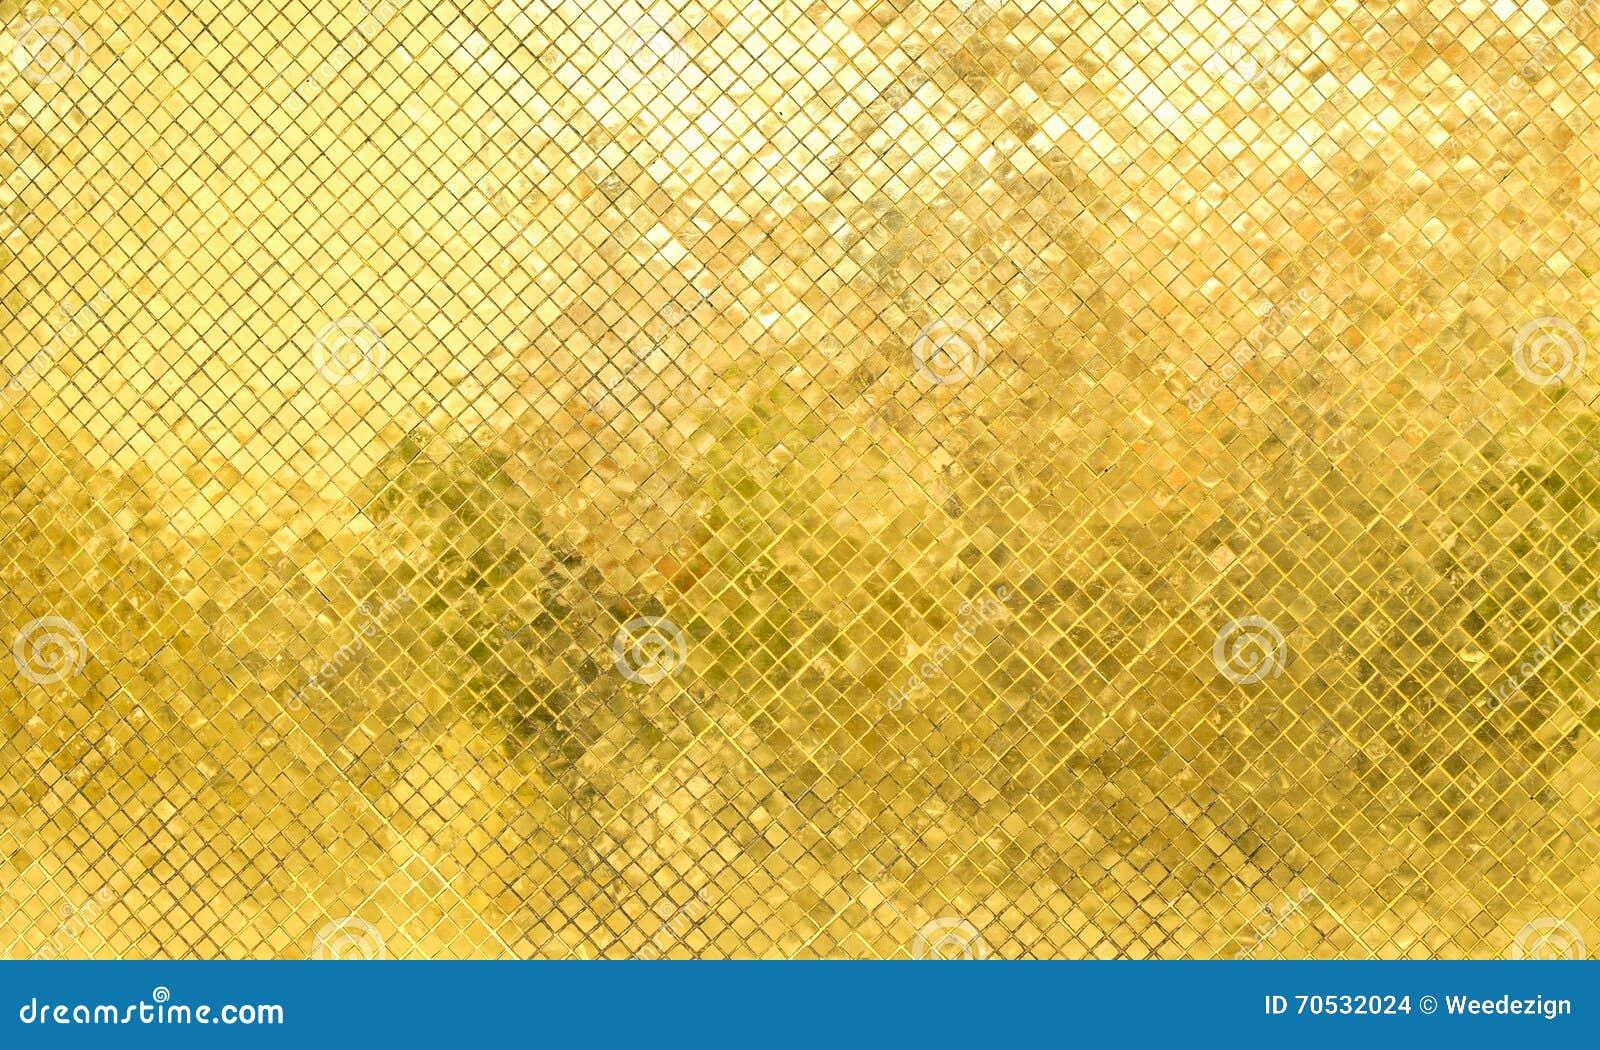 Gouden Mozaiek Tegels : De glanzende gouden muur van de mozaïektegel textuurachtergrond